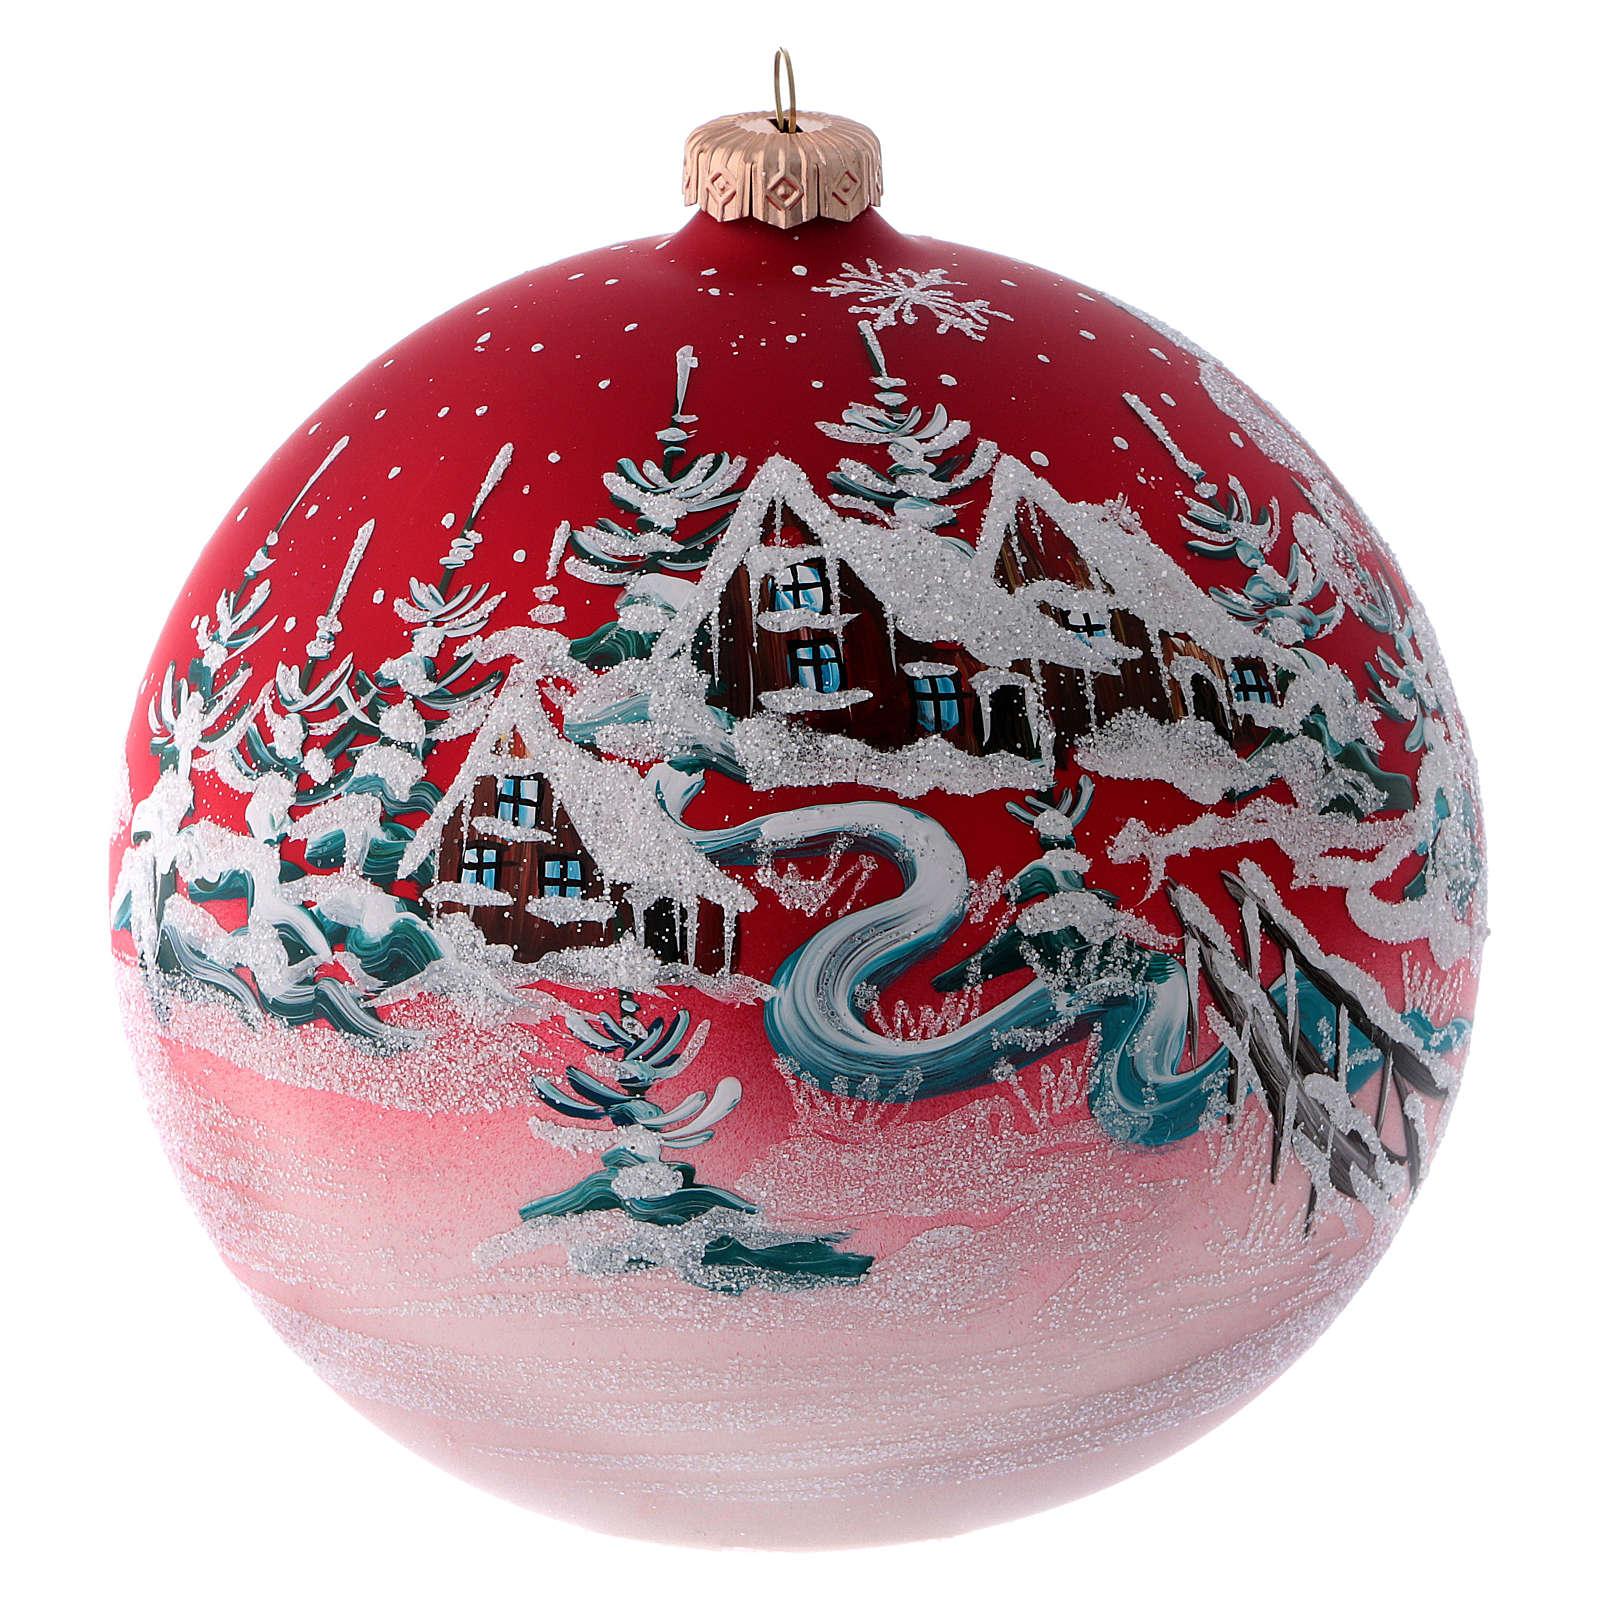 Bola Árbol de Navidad vidrio roja paisaje navideño 150 mm 4